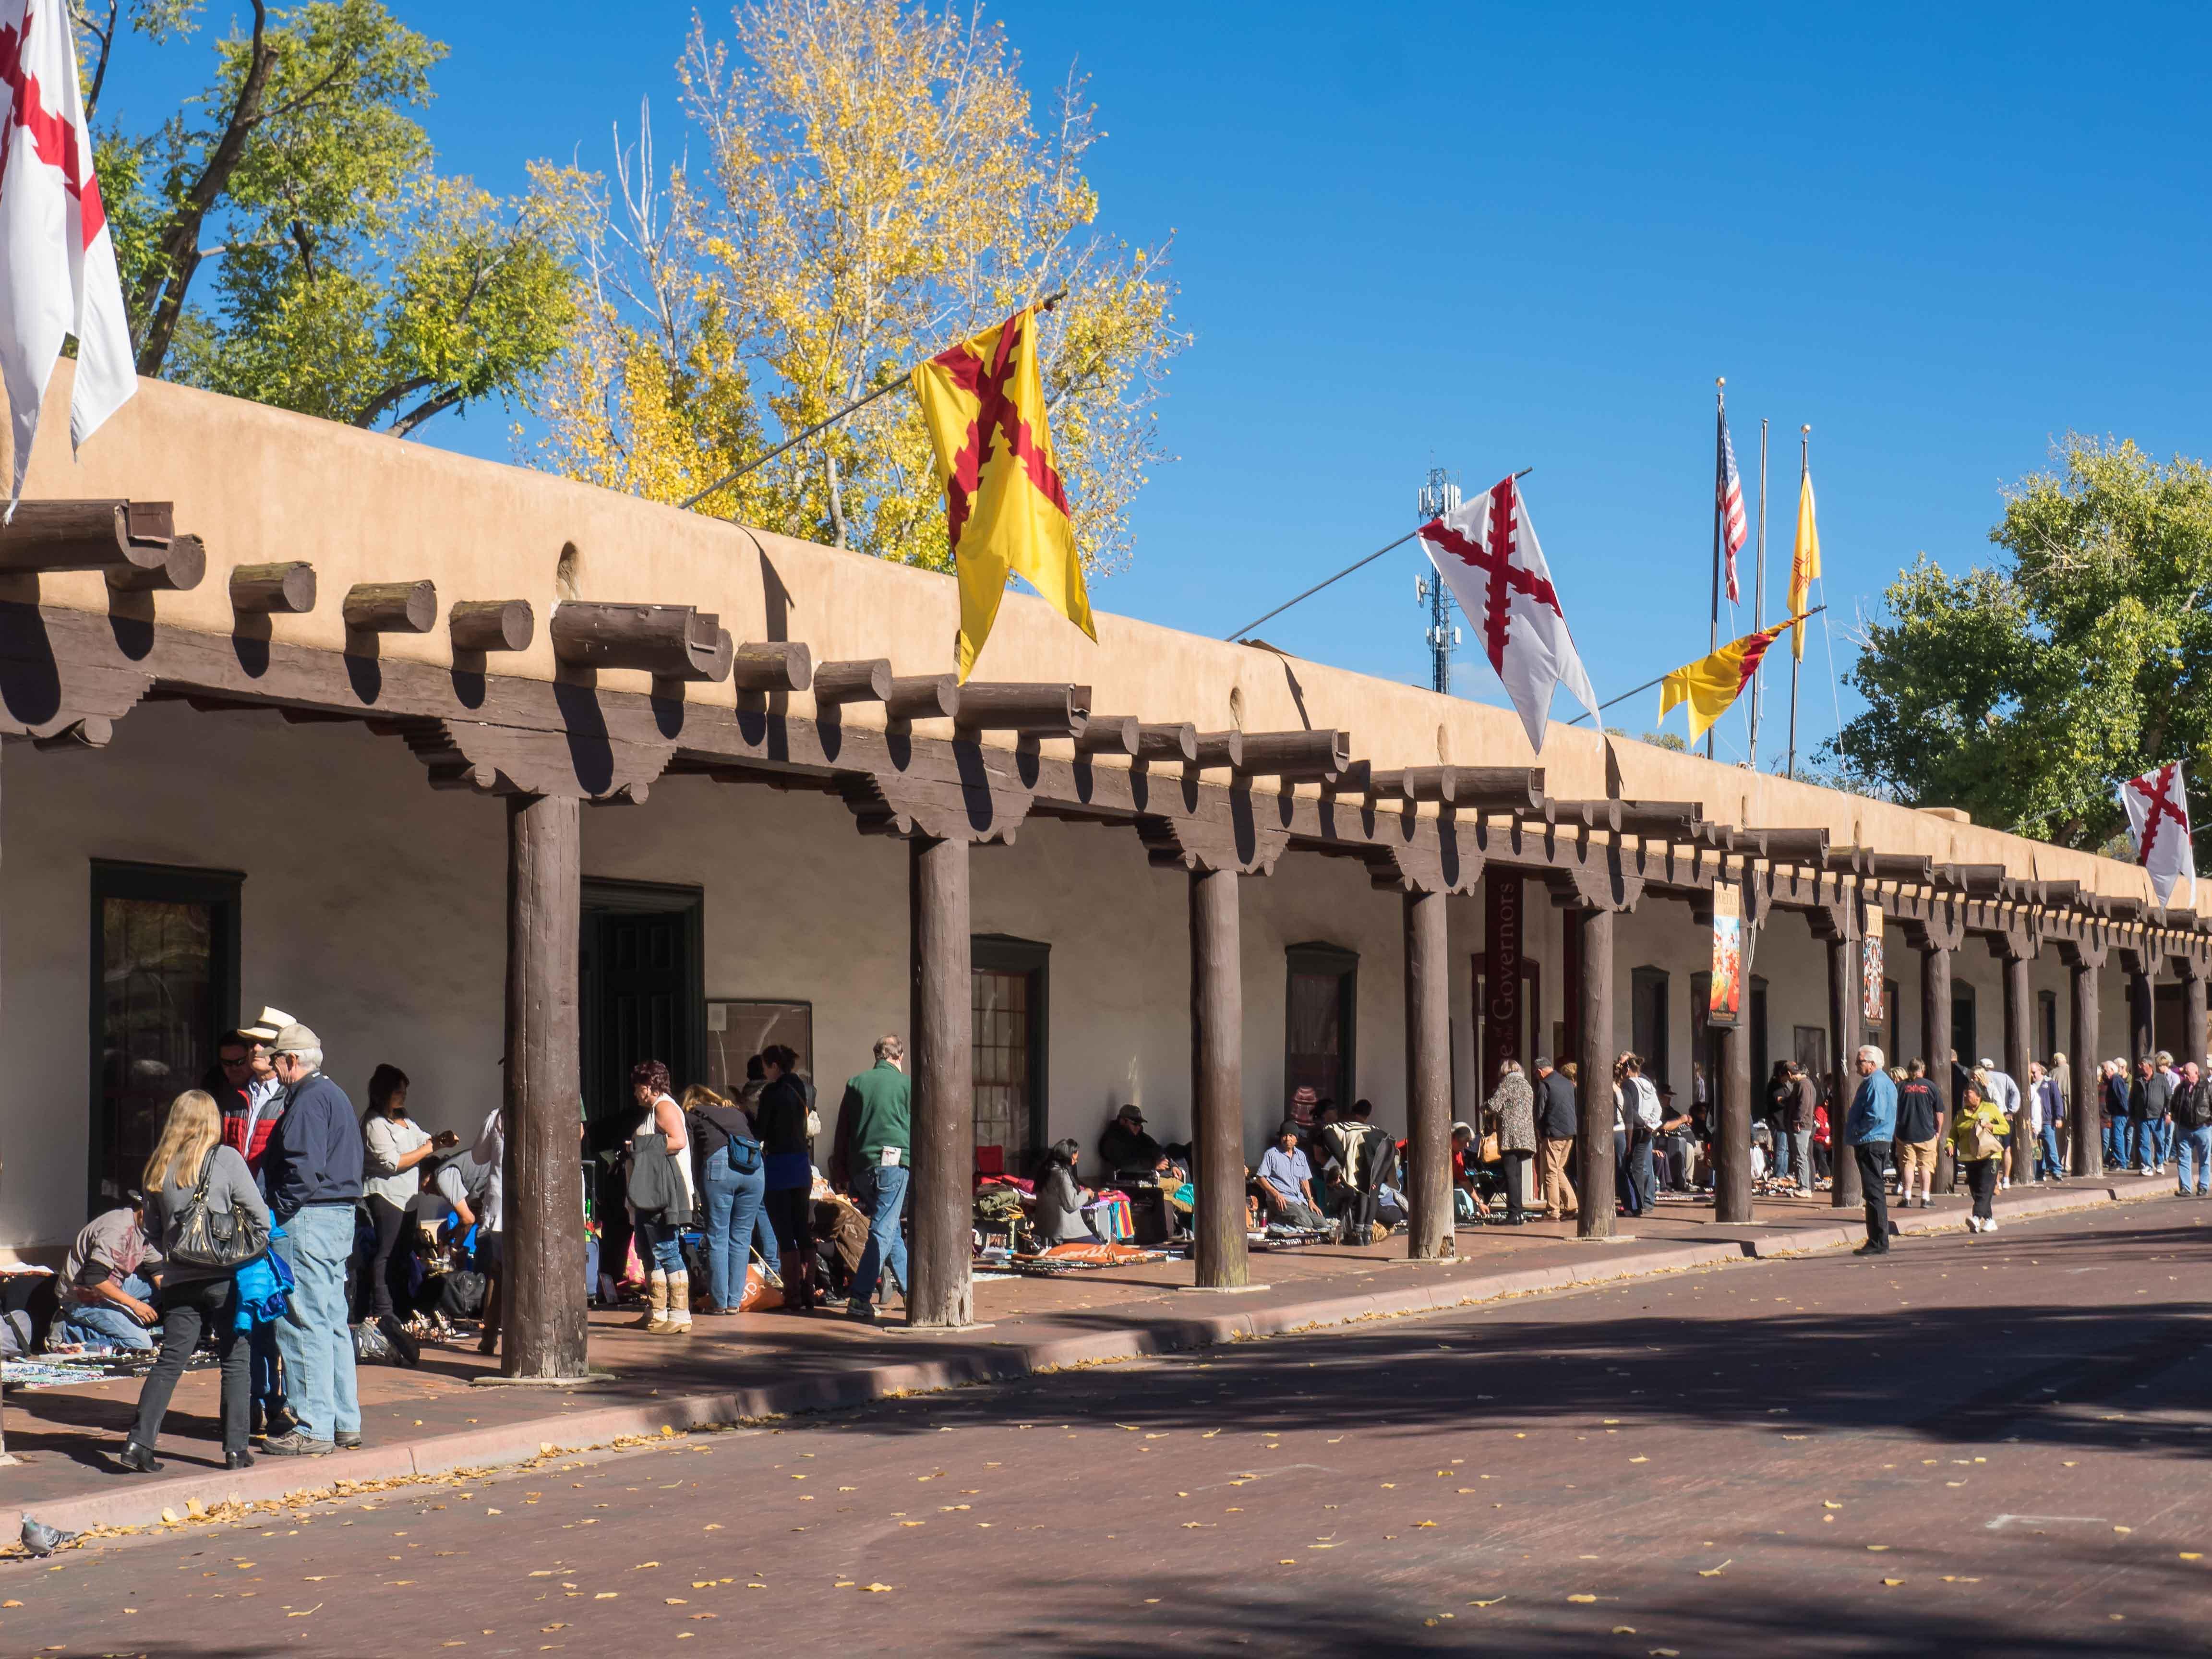 La vivante Santa Fe